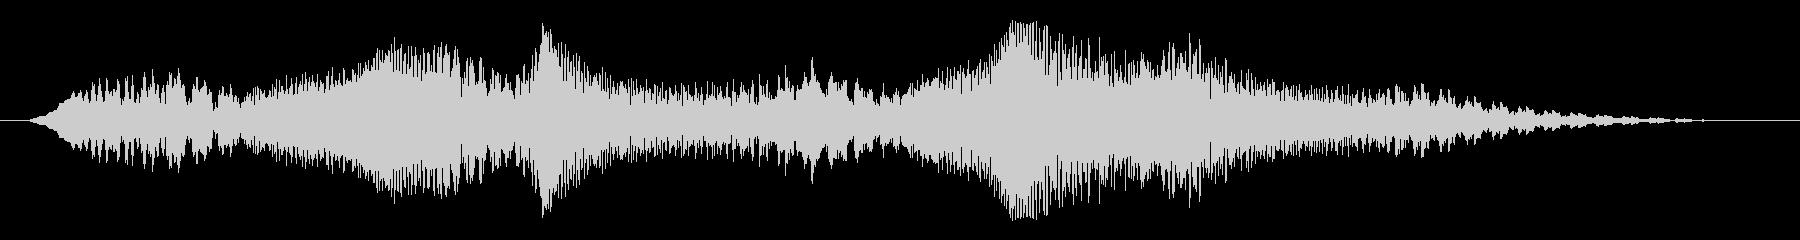 素材 揺れるドローンディープ03の未再生の波形